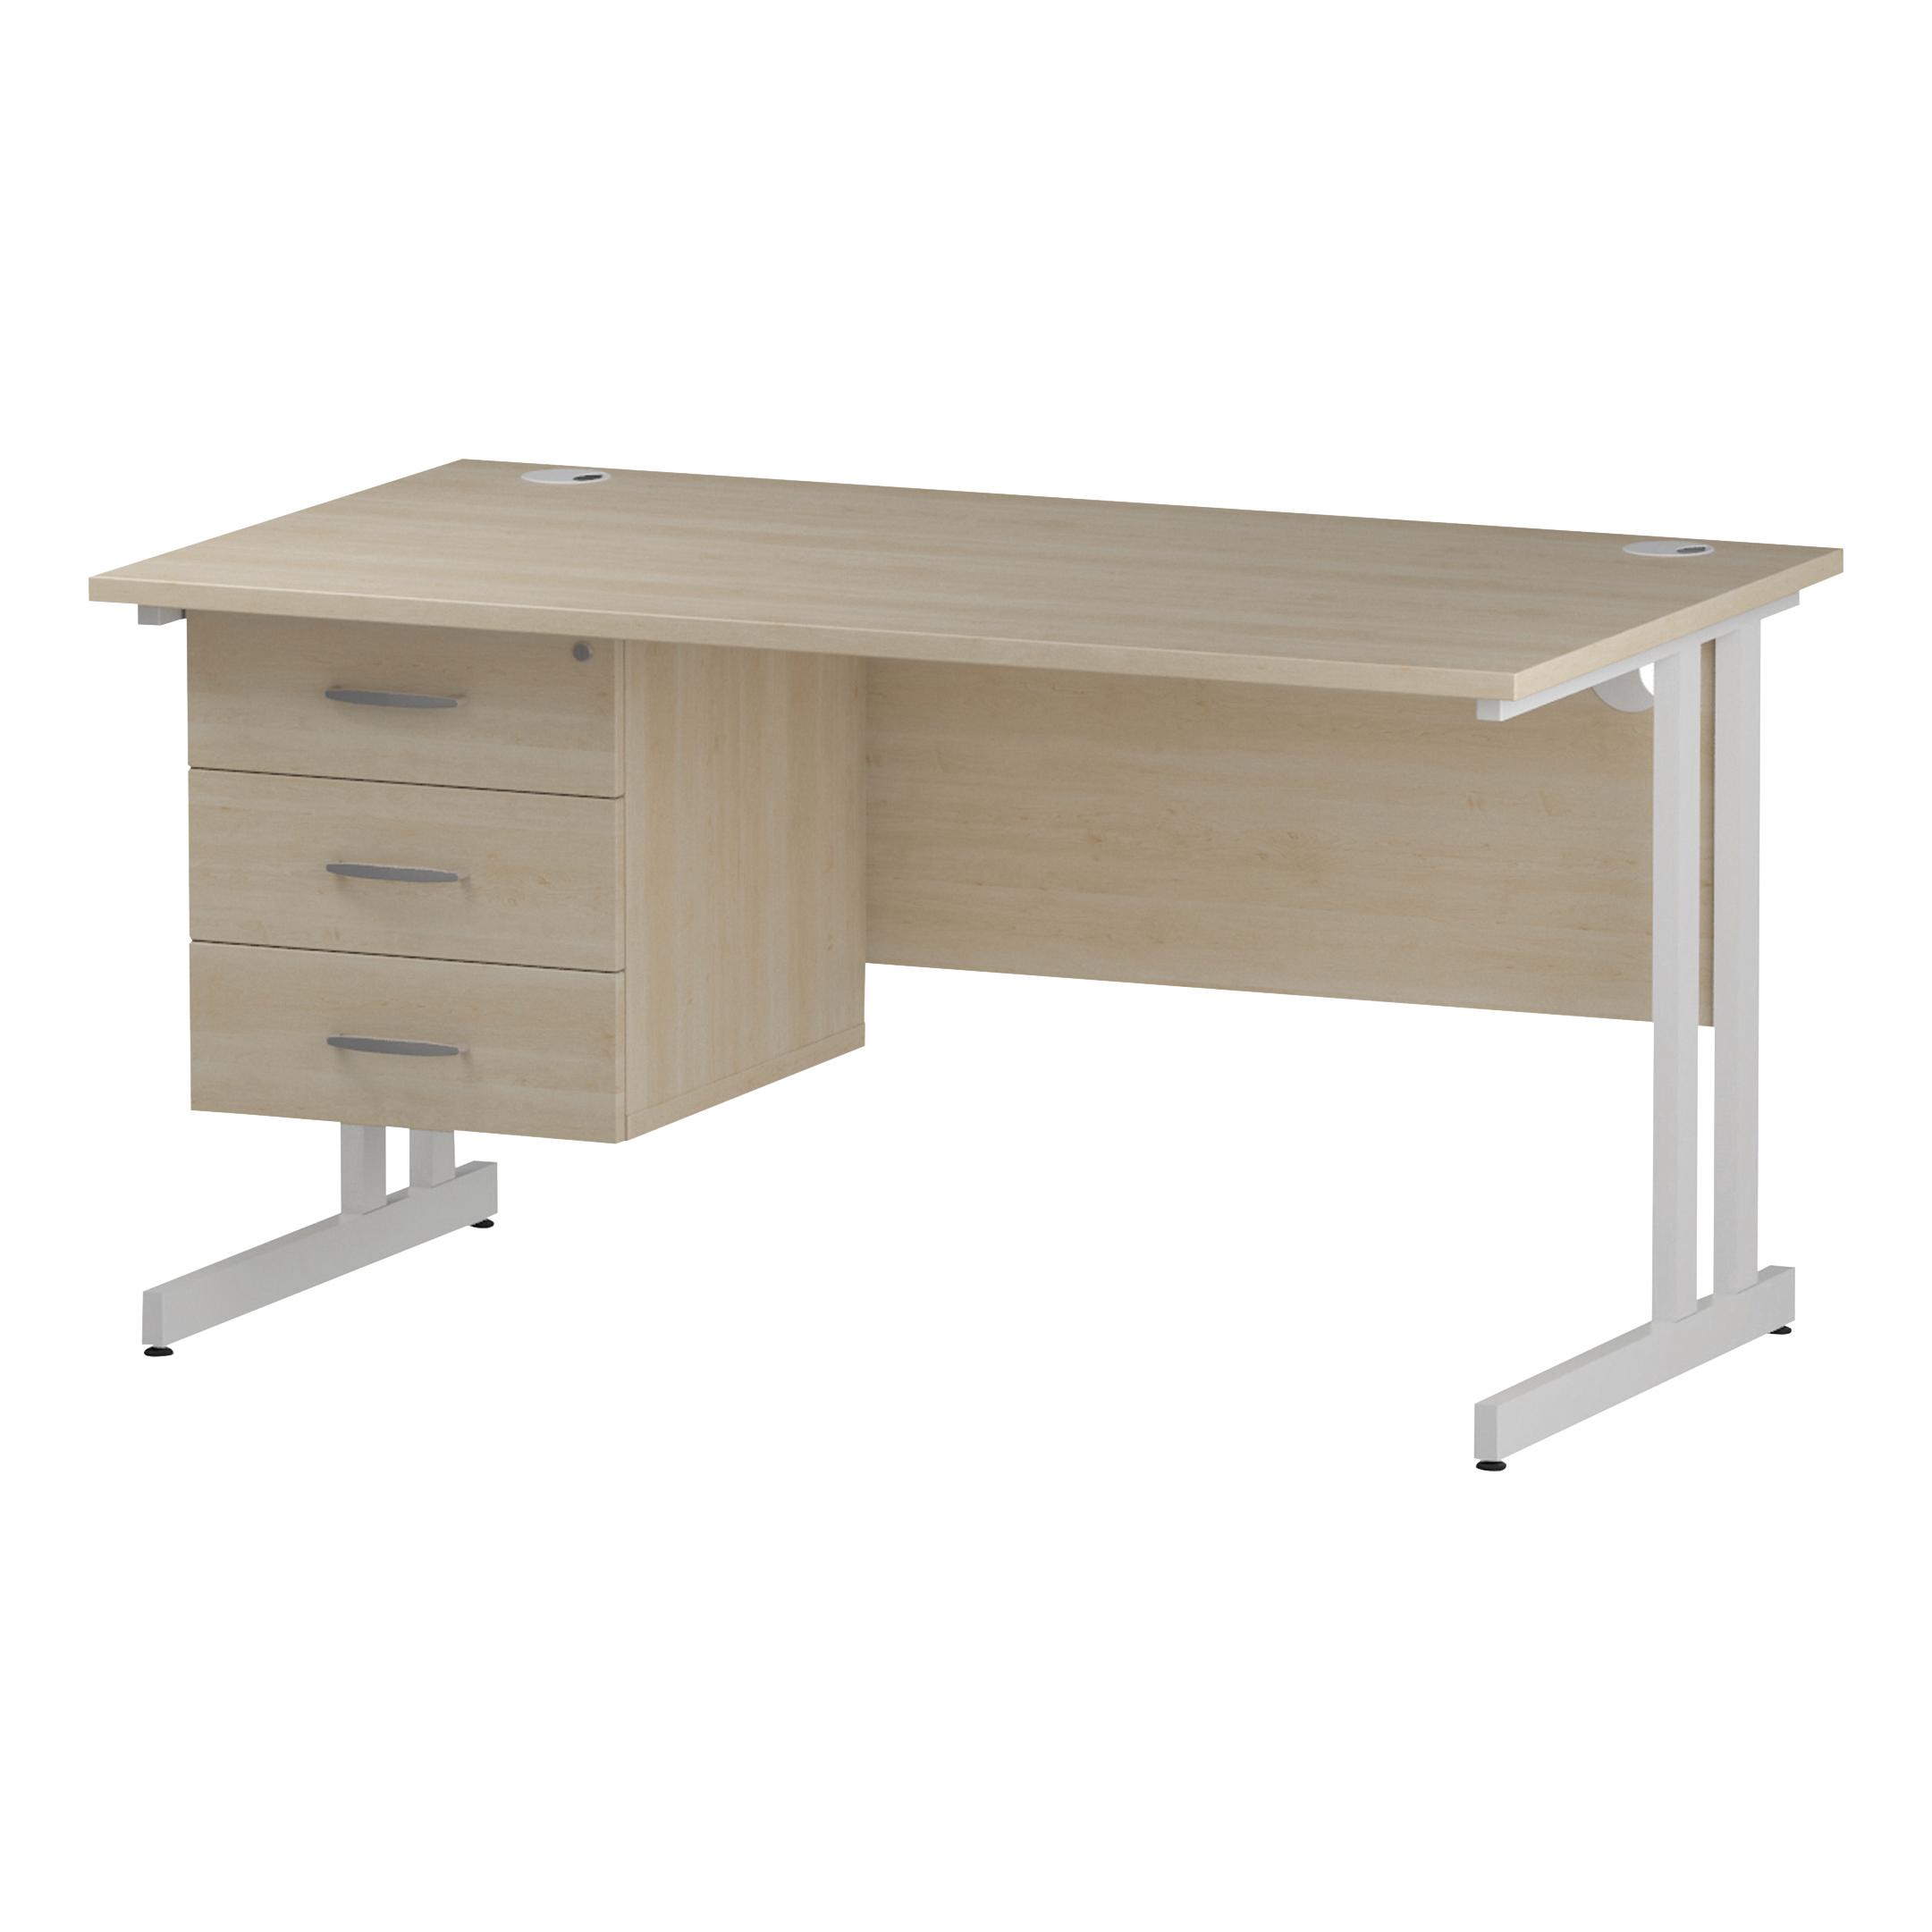 Trexus Rectangular Desk White Cantilever Leg 1400x800mm Fixed Pedestal 3 Drawers Maple Ref I002444